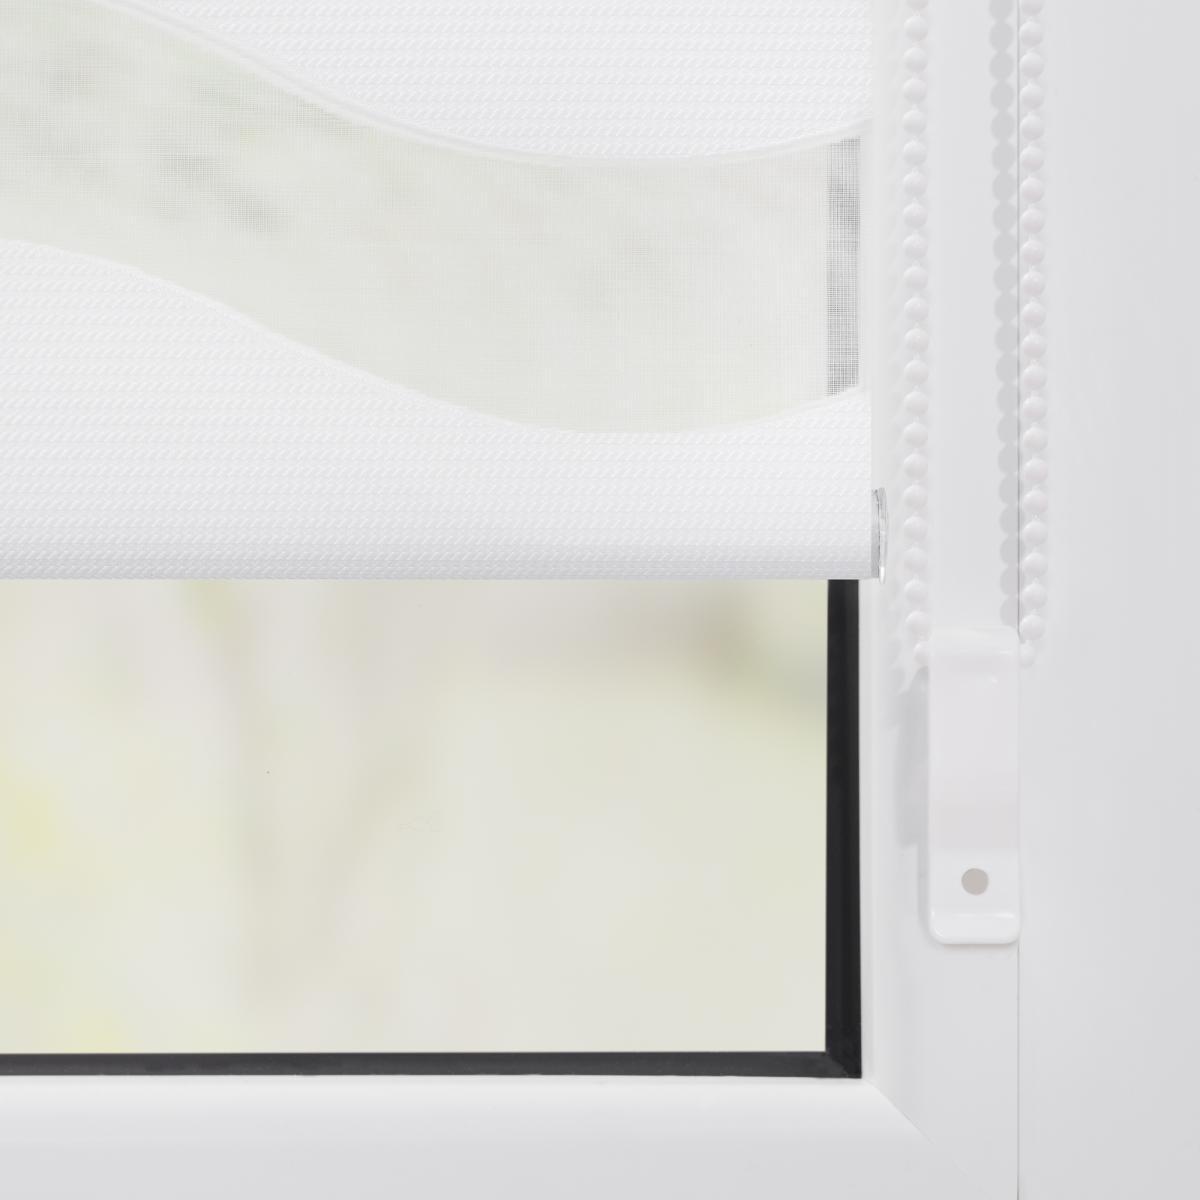 Bild 5 von Lichtblick Duo Rollo Welle Klemmfix, ohne Bohren, Weiß, 80 cm x 150 cm (B x L)